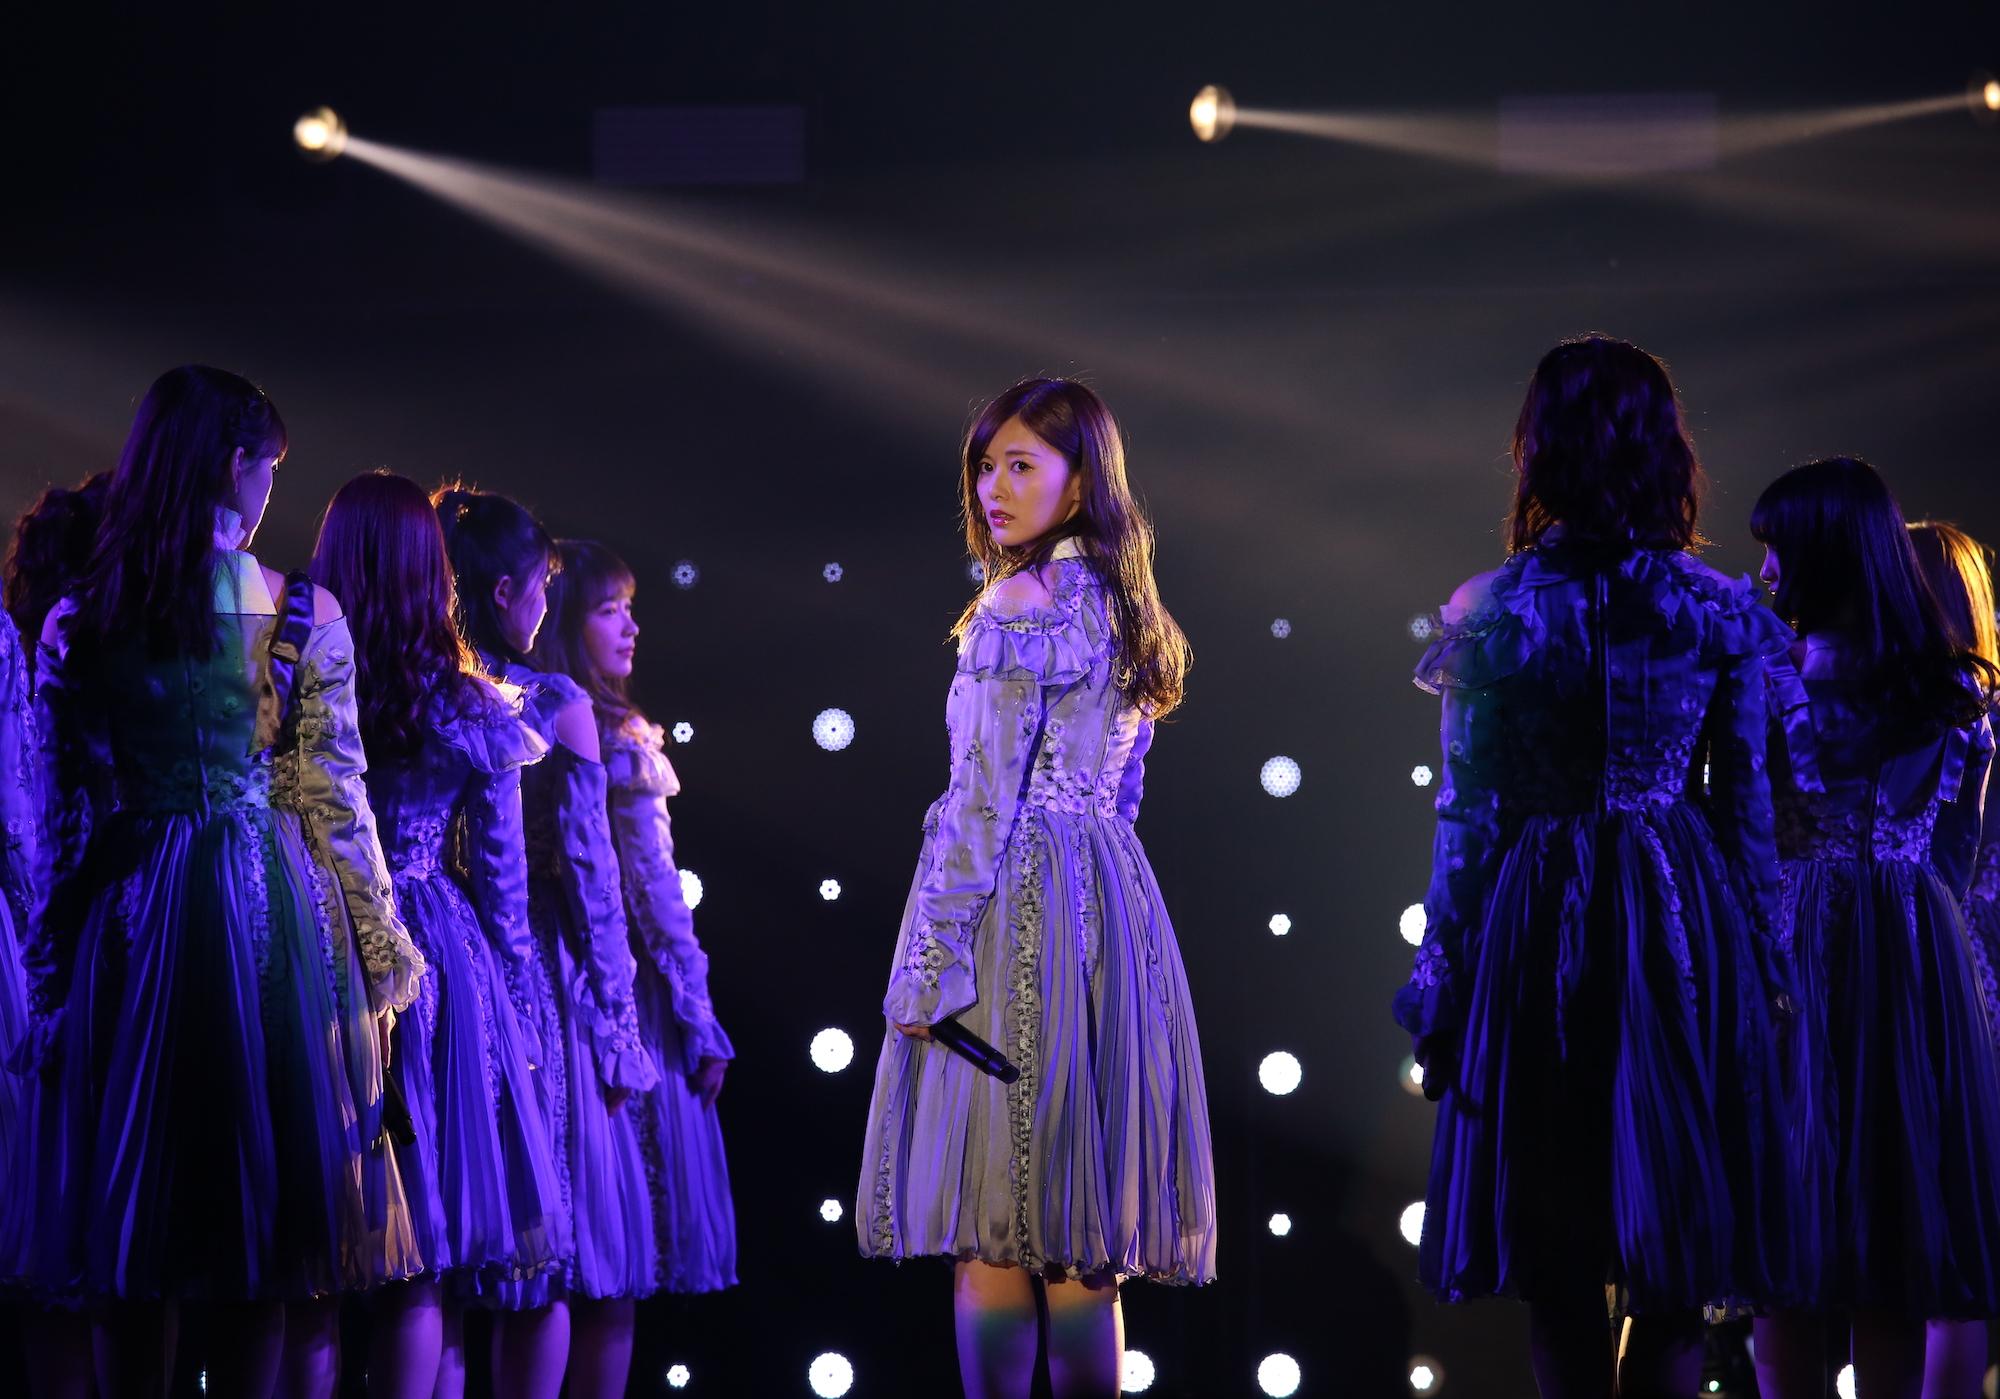 白石麻衣(乃木坂46)/2020年2月29日、国立代々木競技場 第一体育館にて (C)マイナビ TOKYO GIRLS COLLECTION2020 S/S